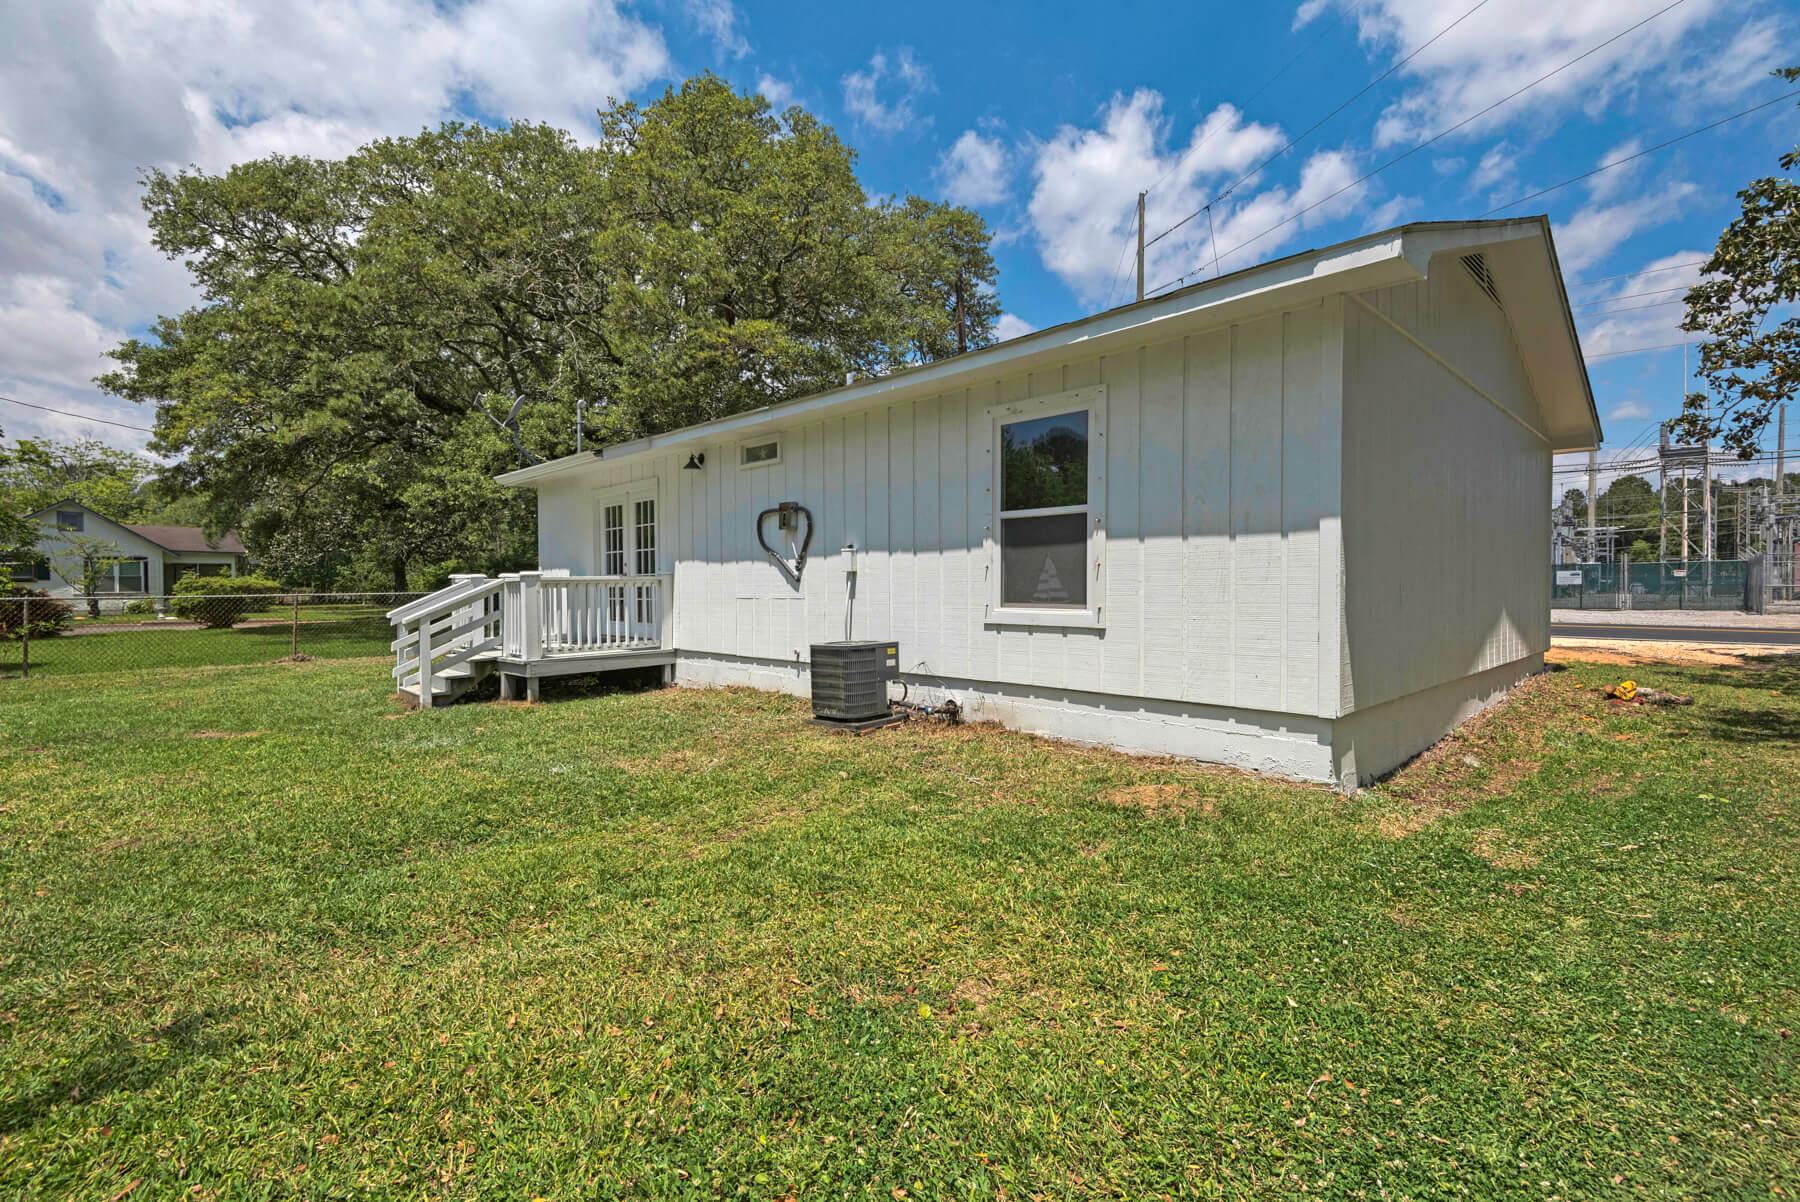 7466 Twin Beech Road Fairhope for Sale Urban Property backyard view 4